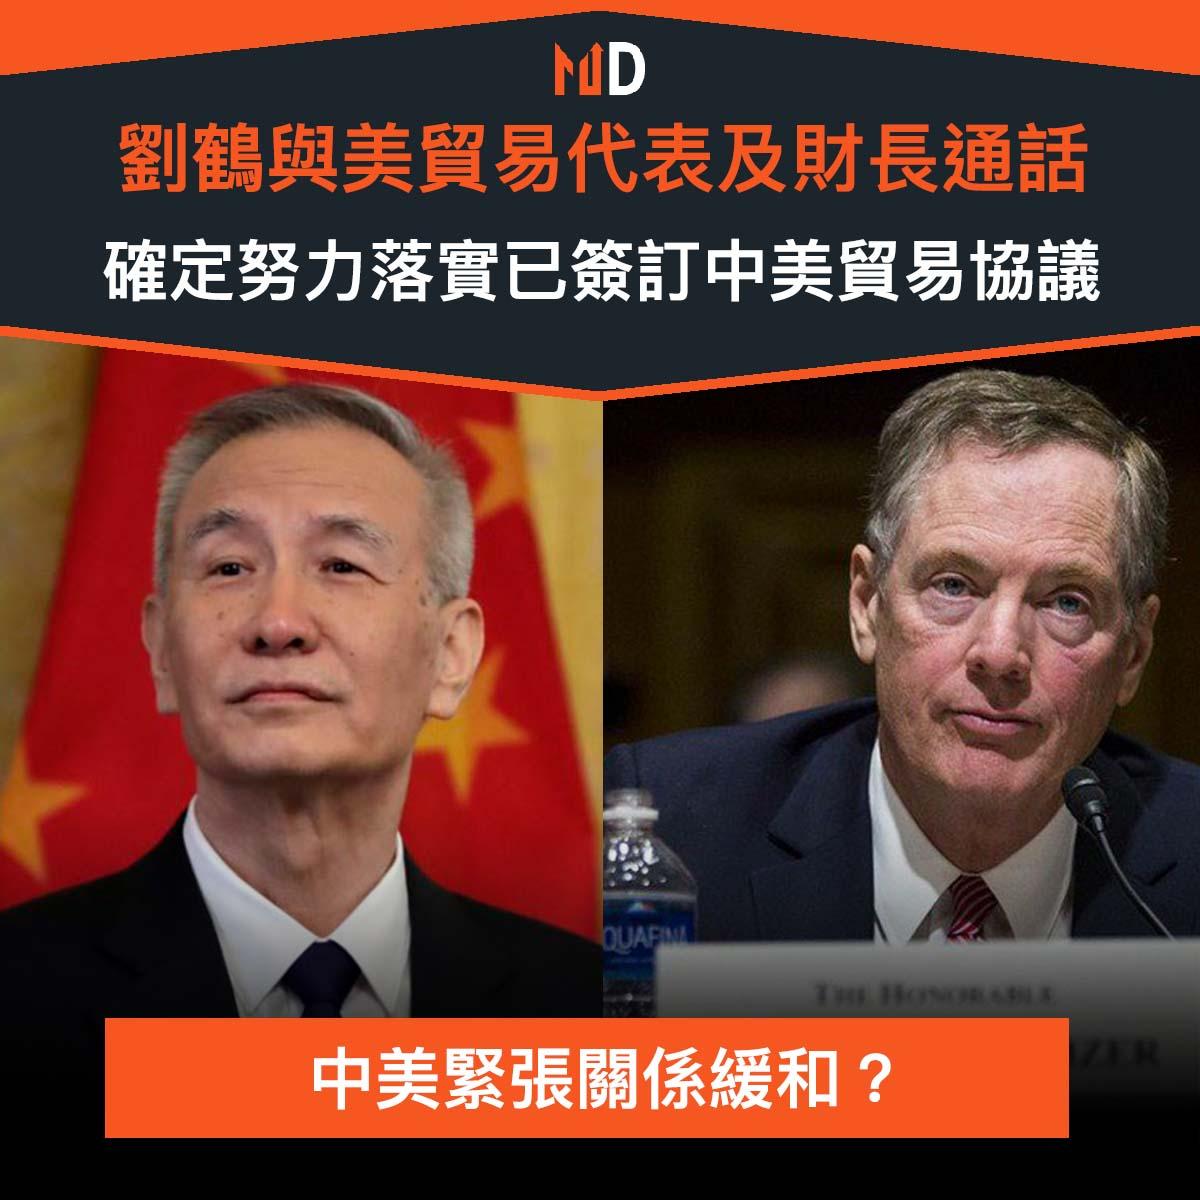 【#市場熱話】劉鶴與美貿易代表及財長通話,確定努力落實已簽訂中美貿易協議